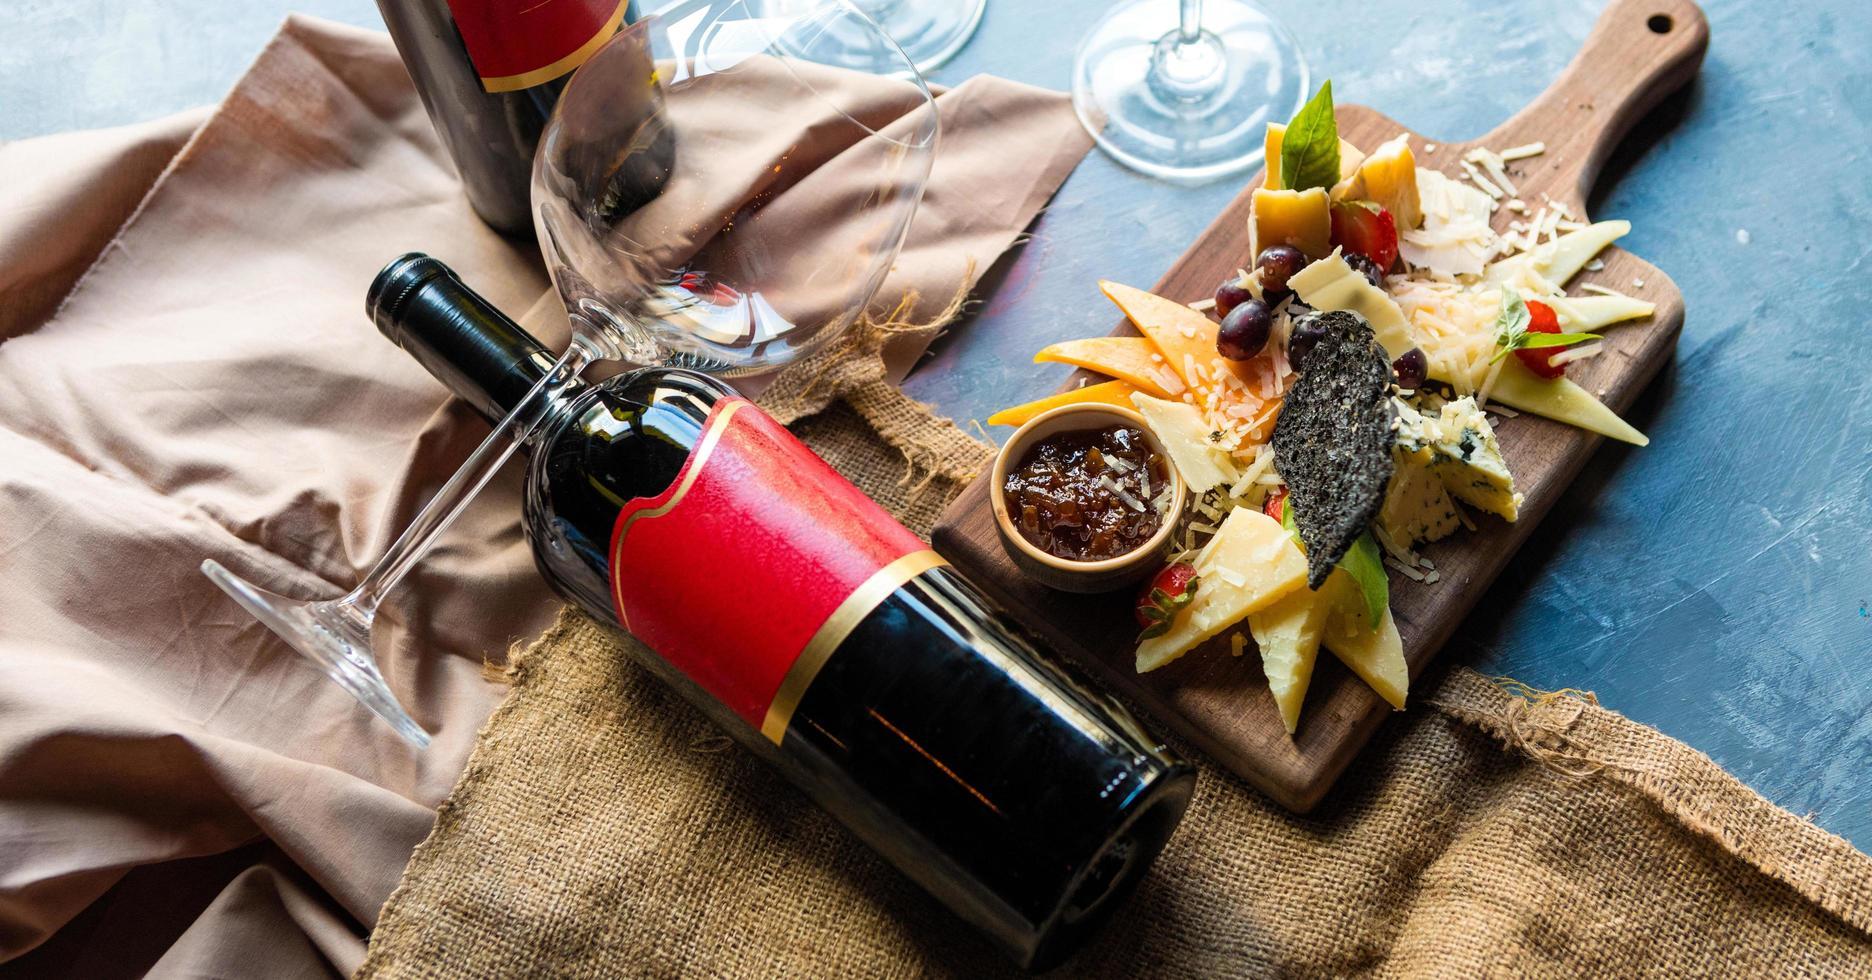 Wurstkäse mit Wein foto